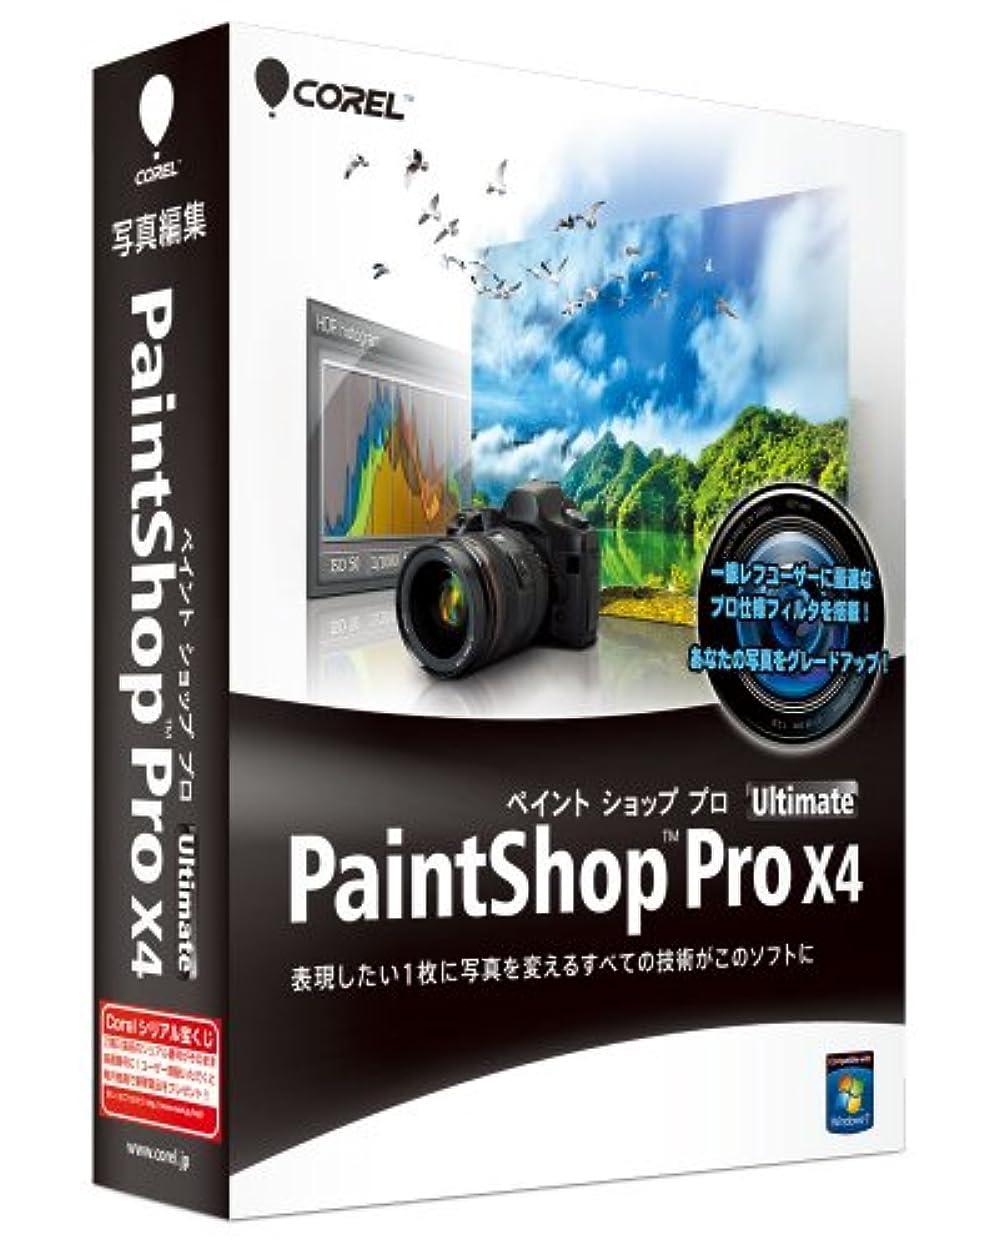 わずかに離すダイヤルCorel Paint Shop Pro X4 Ultimate 通常版